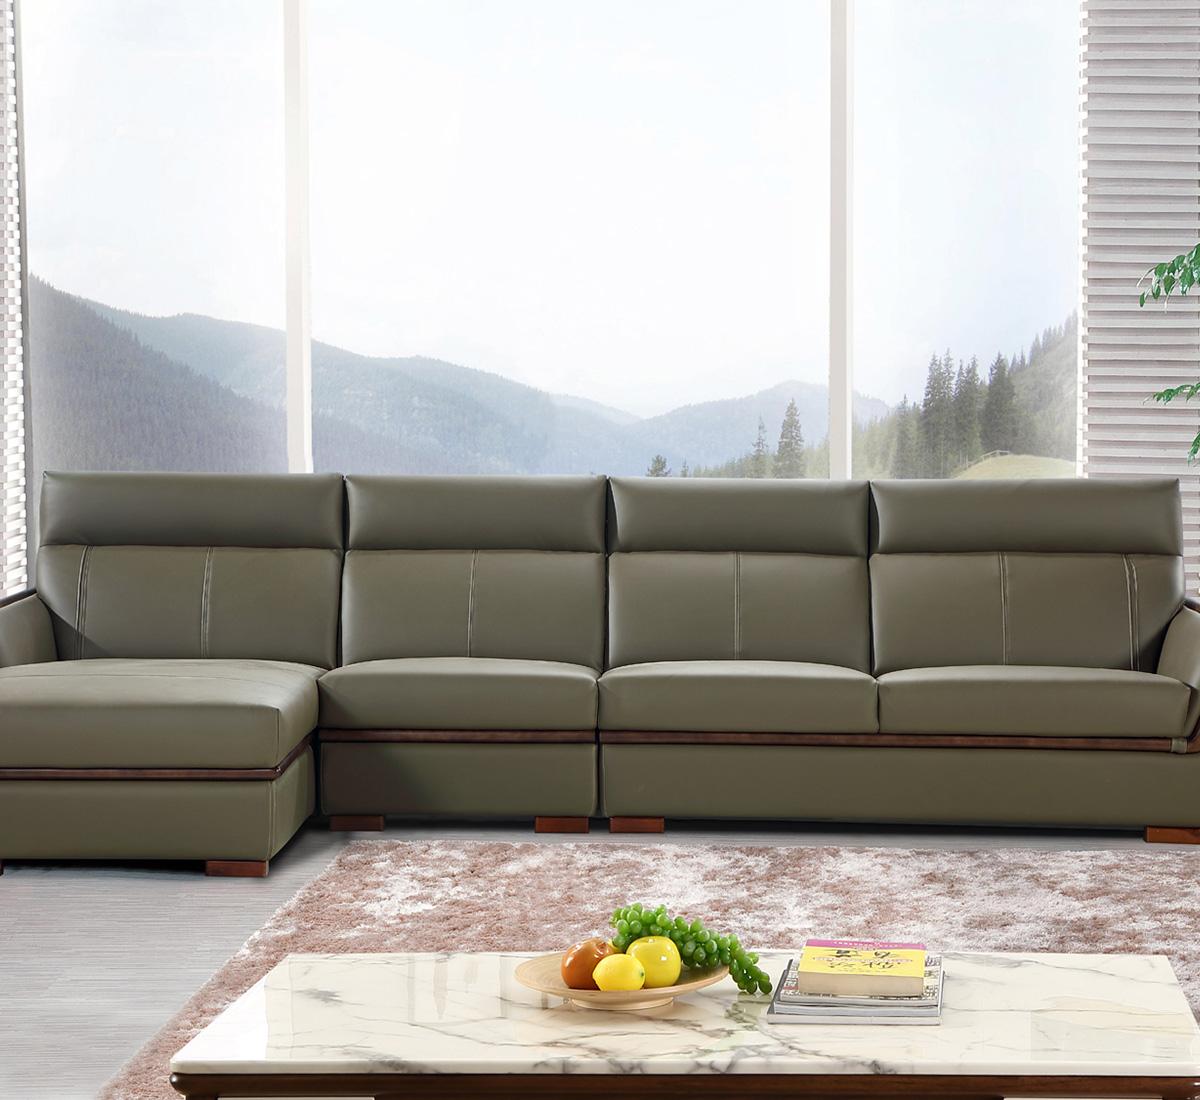 安徽双人沙发价格